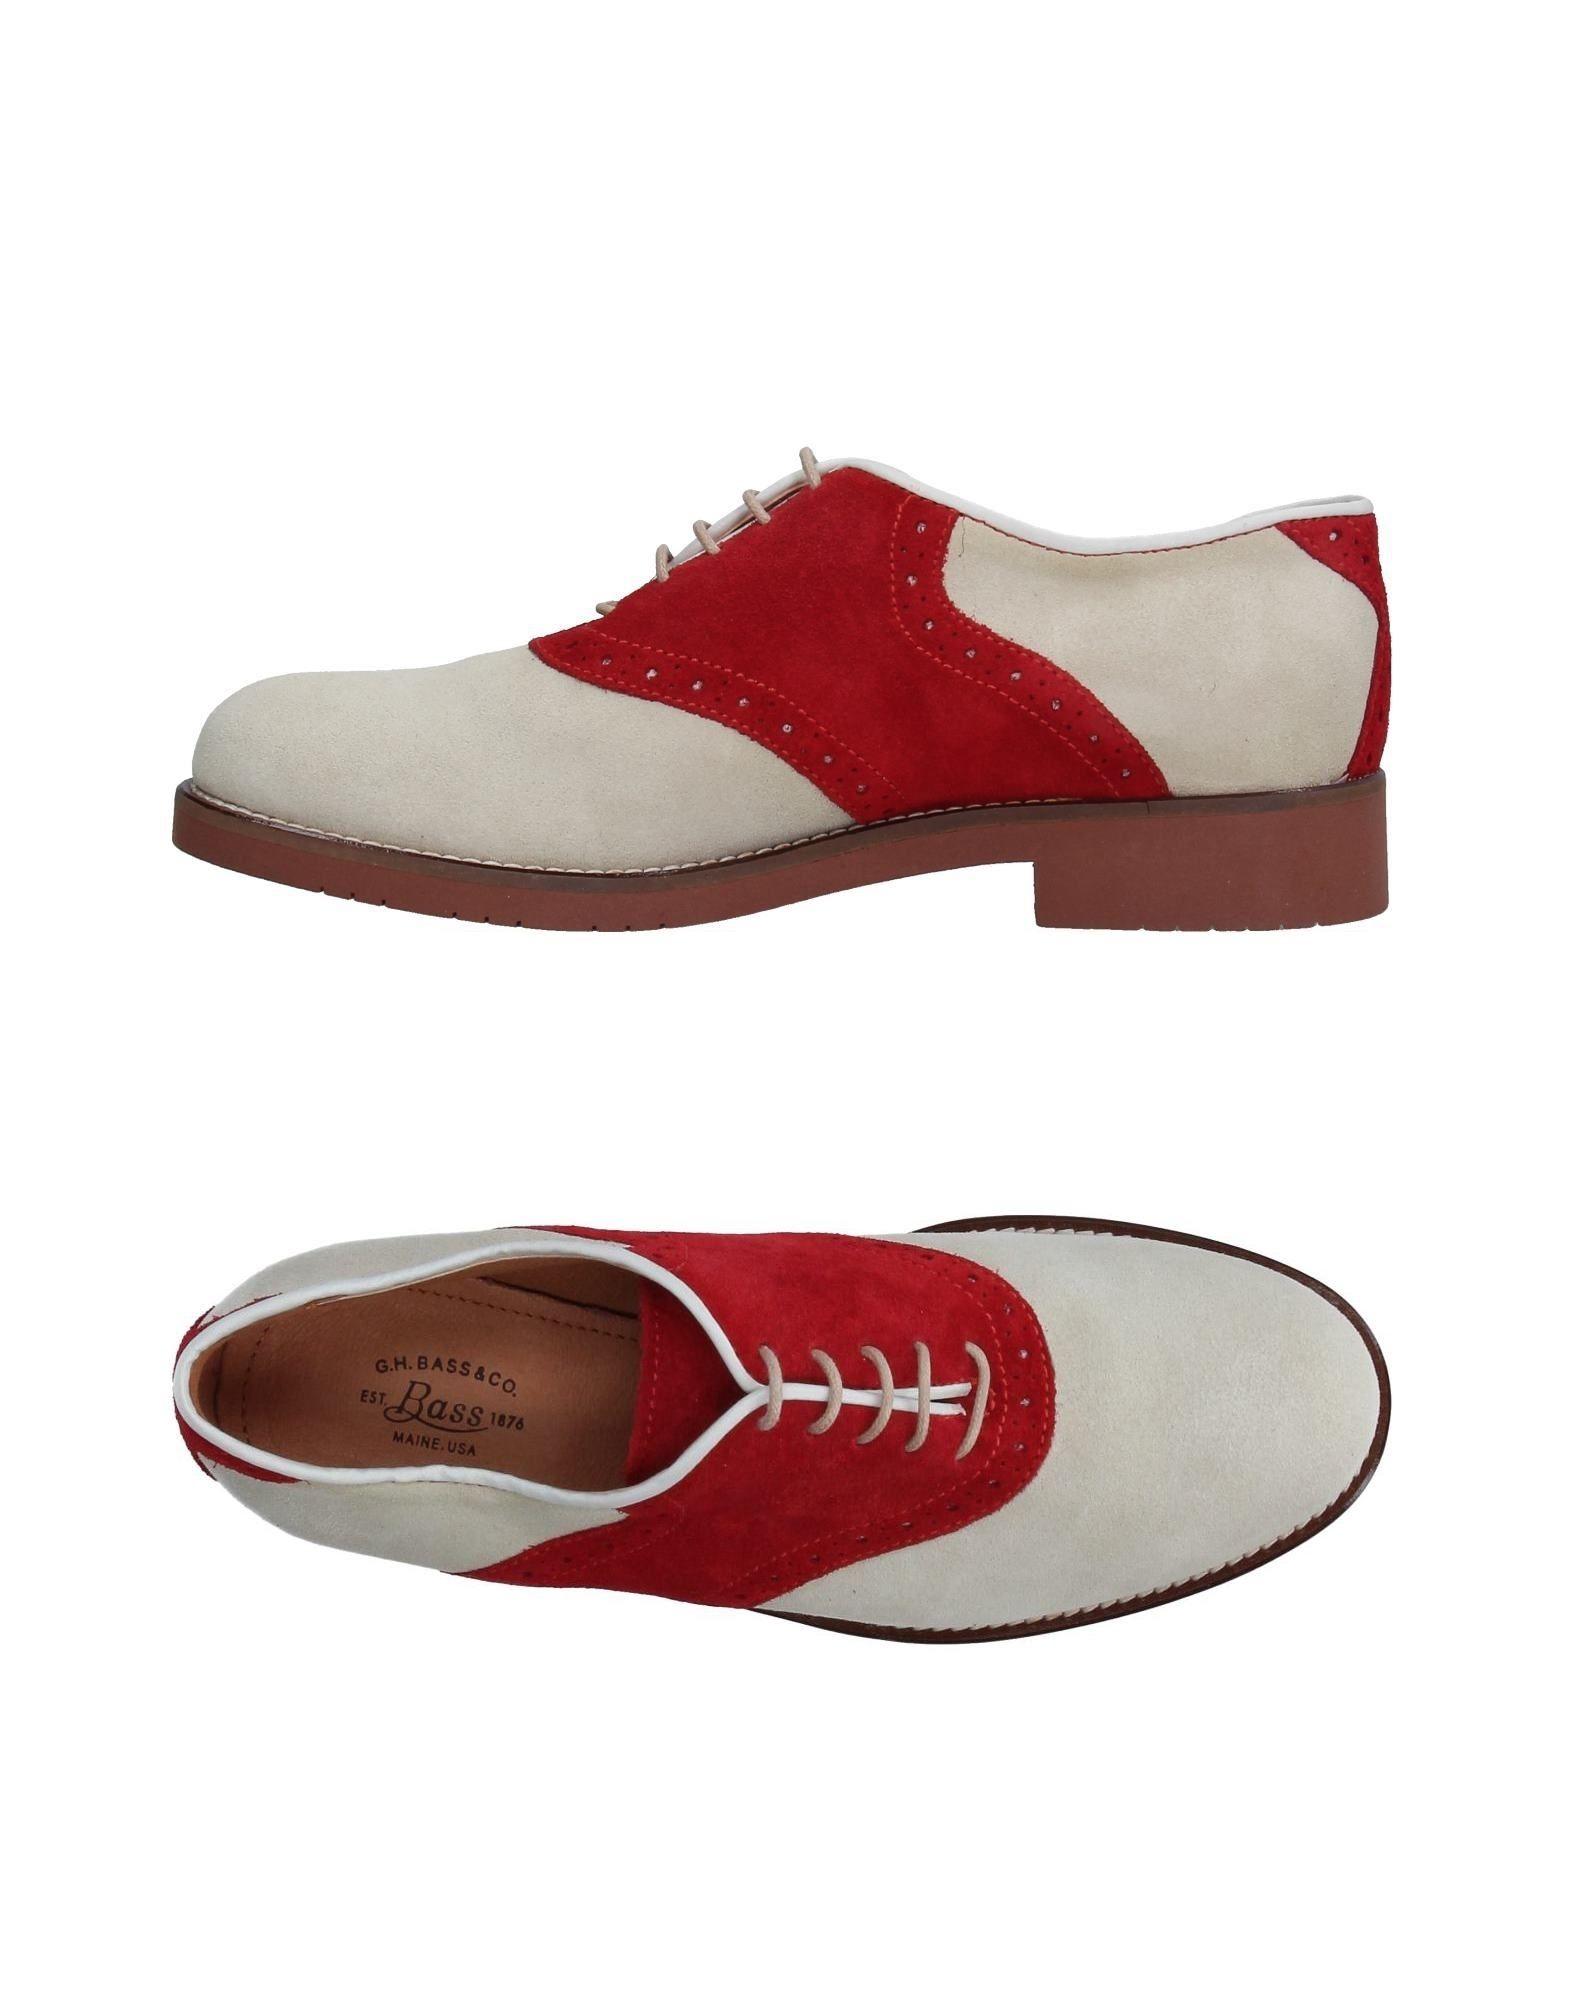 купить G.H. BASS & CO Обувь на шнурках дешево